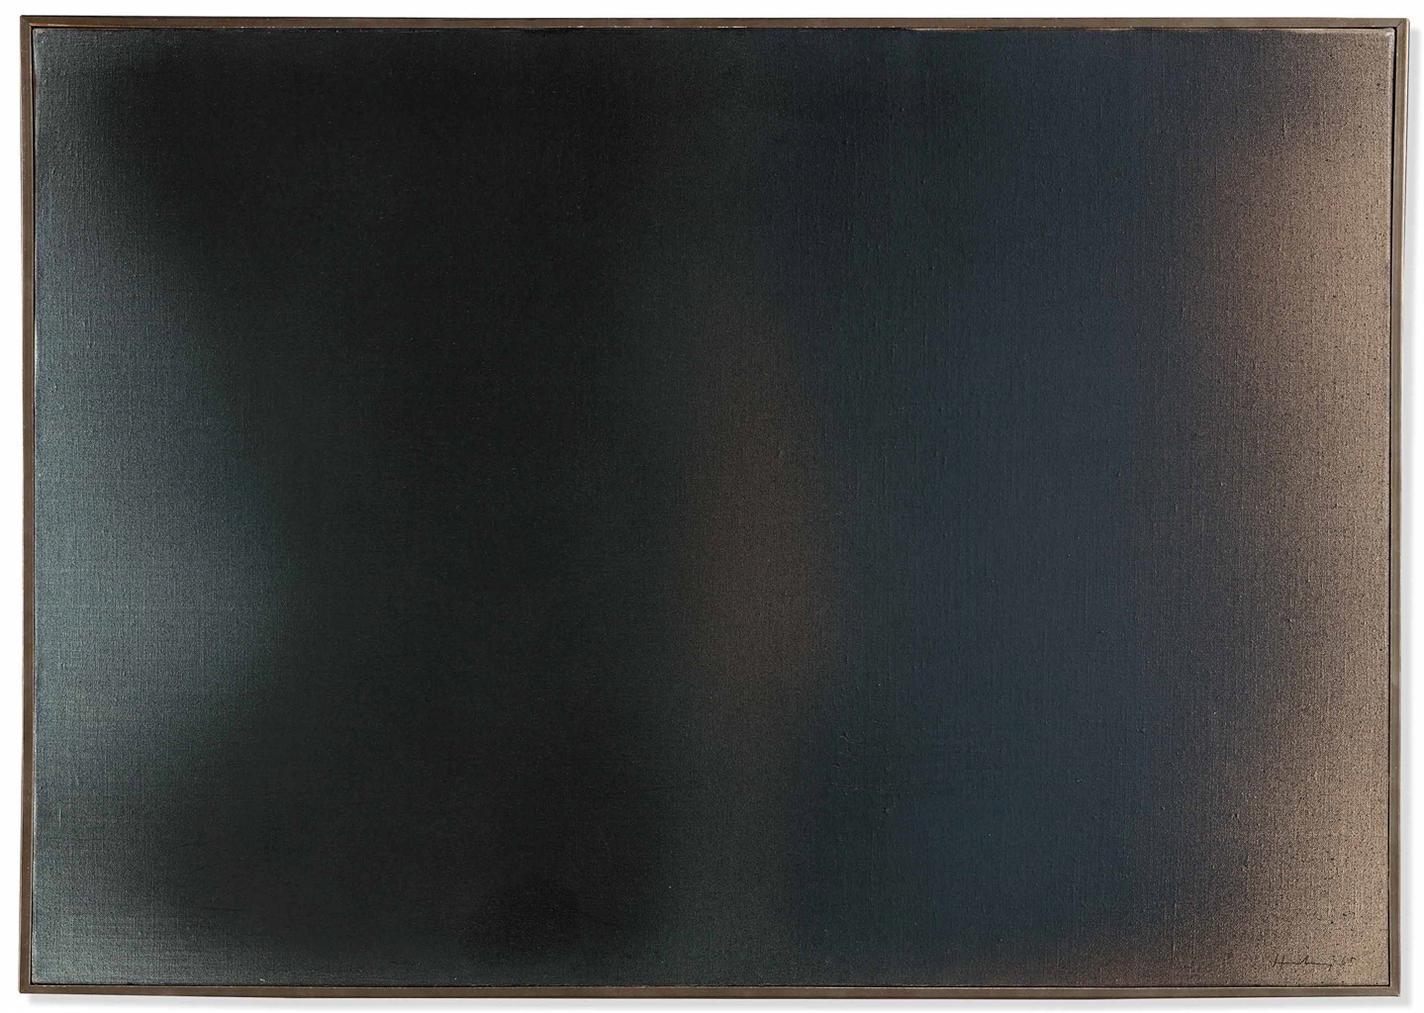 Hans Hartung-T1965-E45-1965